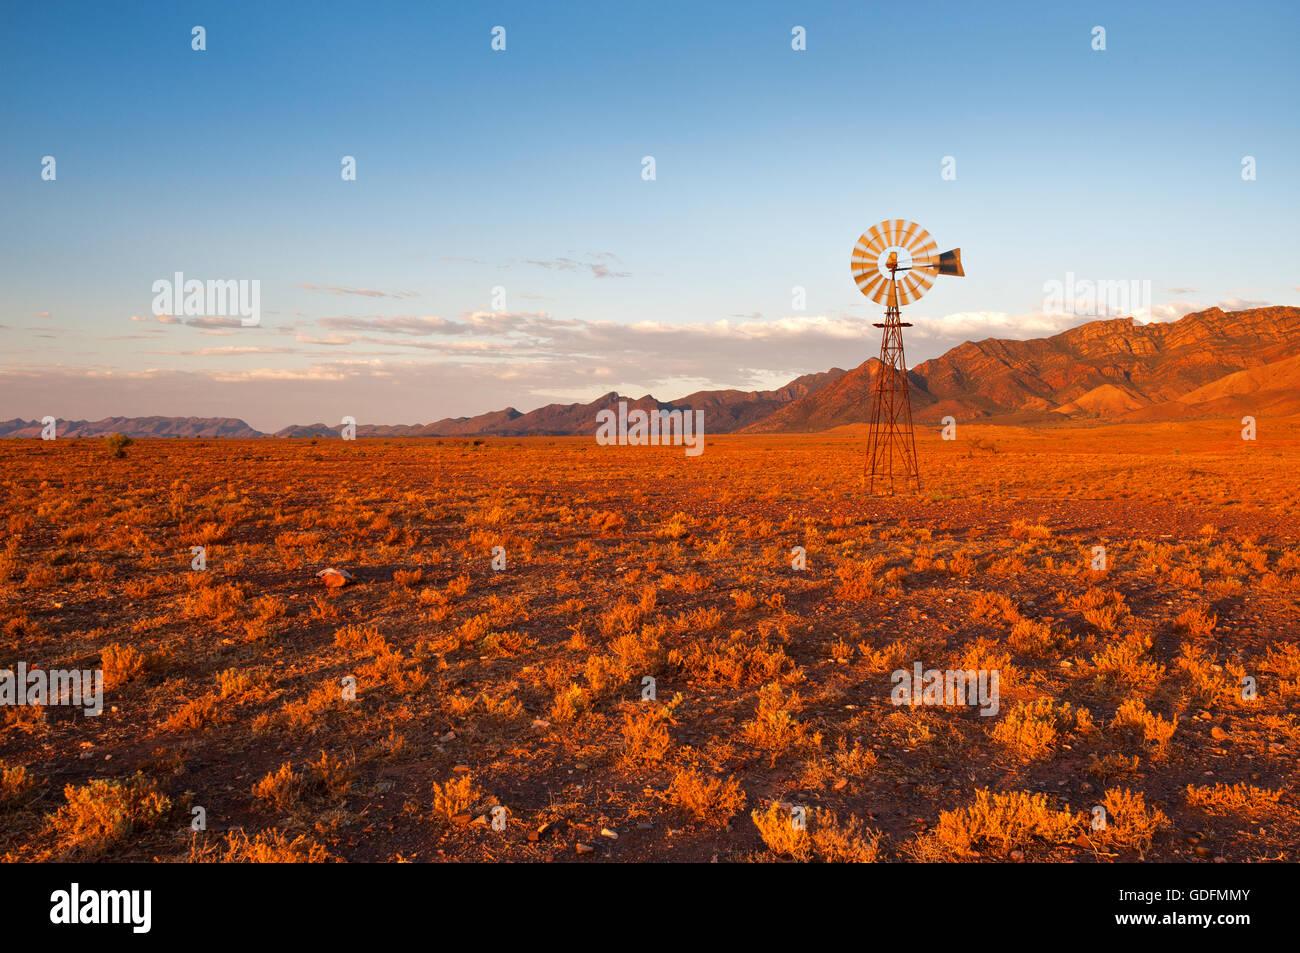 Typische Australien - Windmühle in den roten Farbton eines Sonnenuntergangs. Stockbild